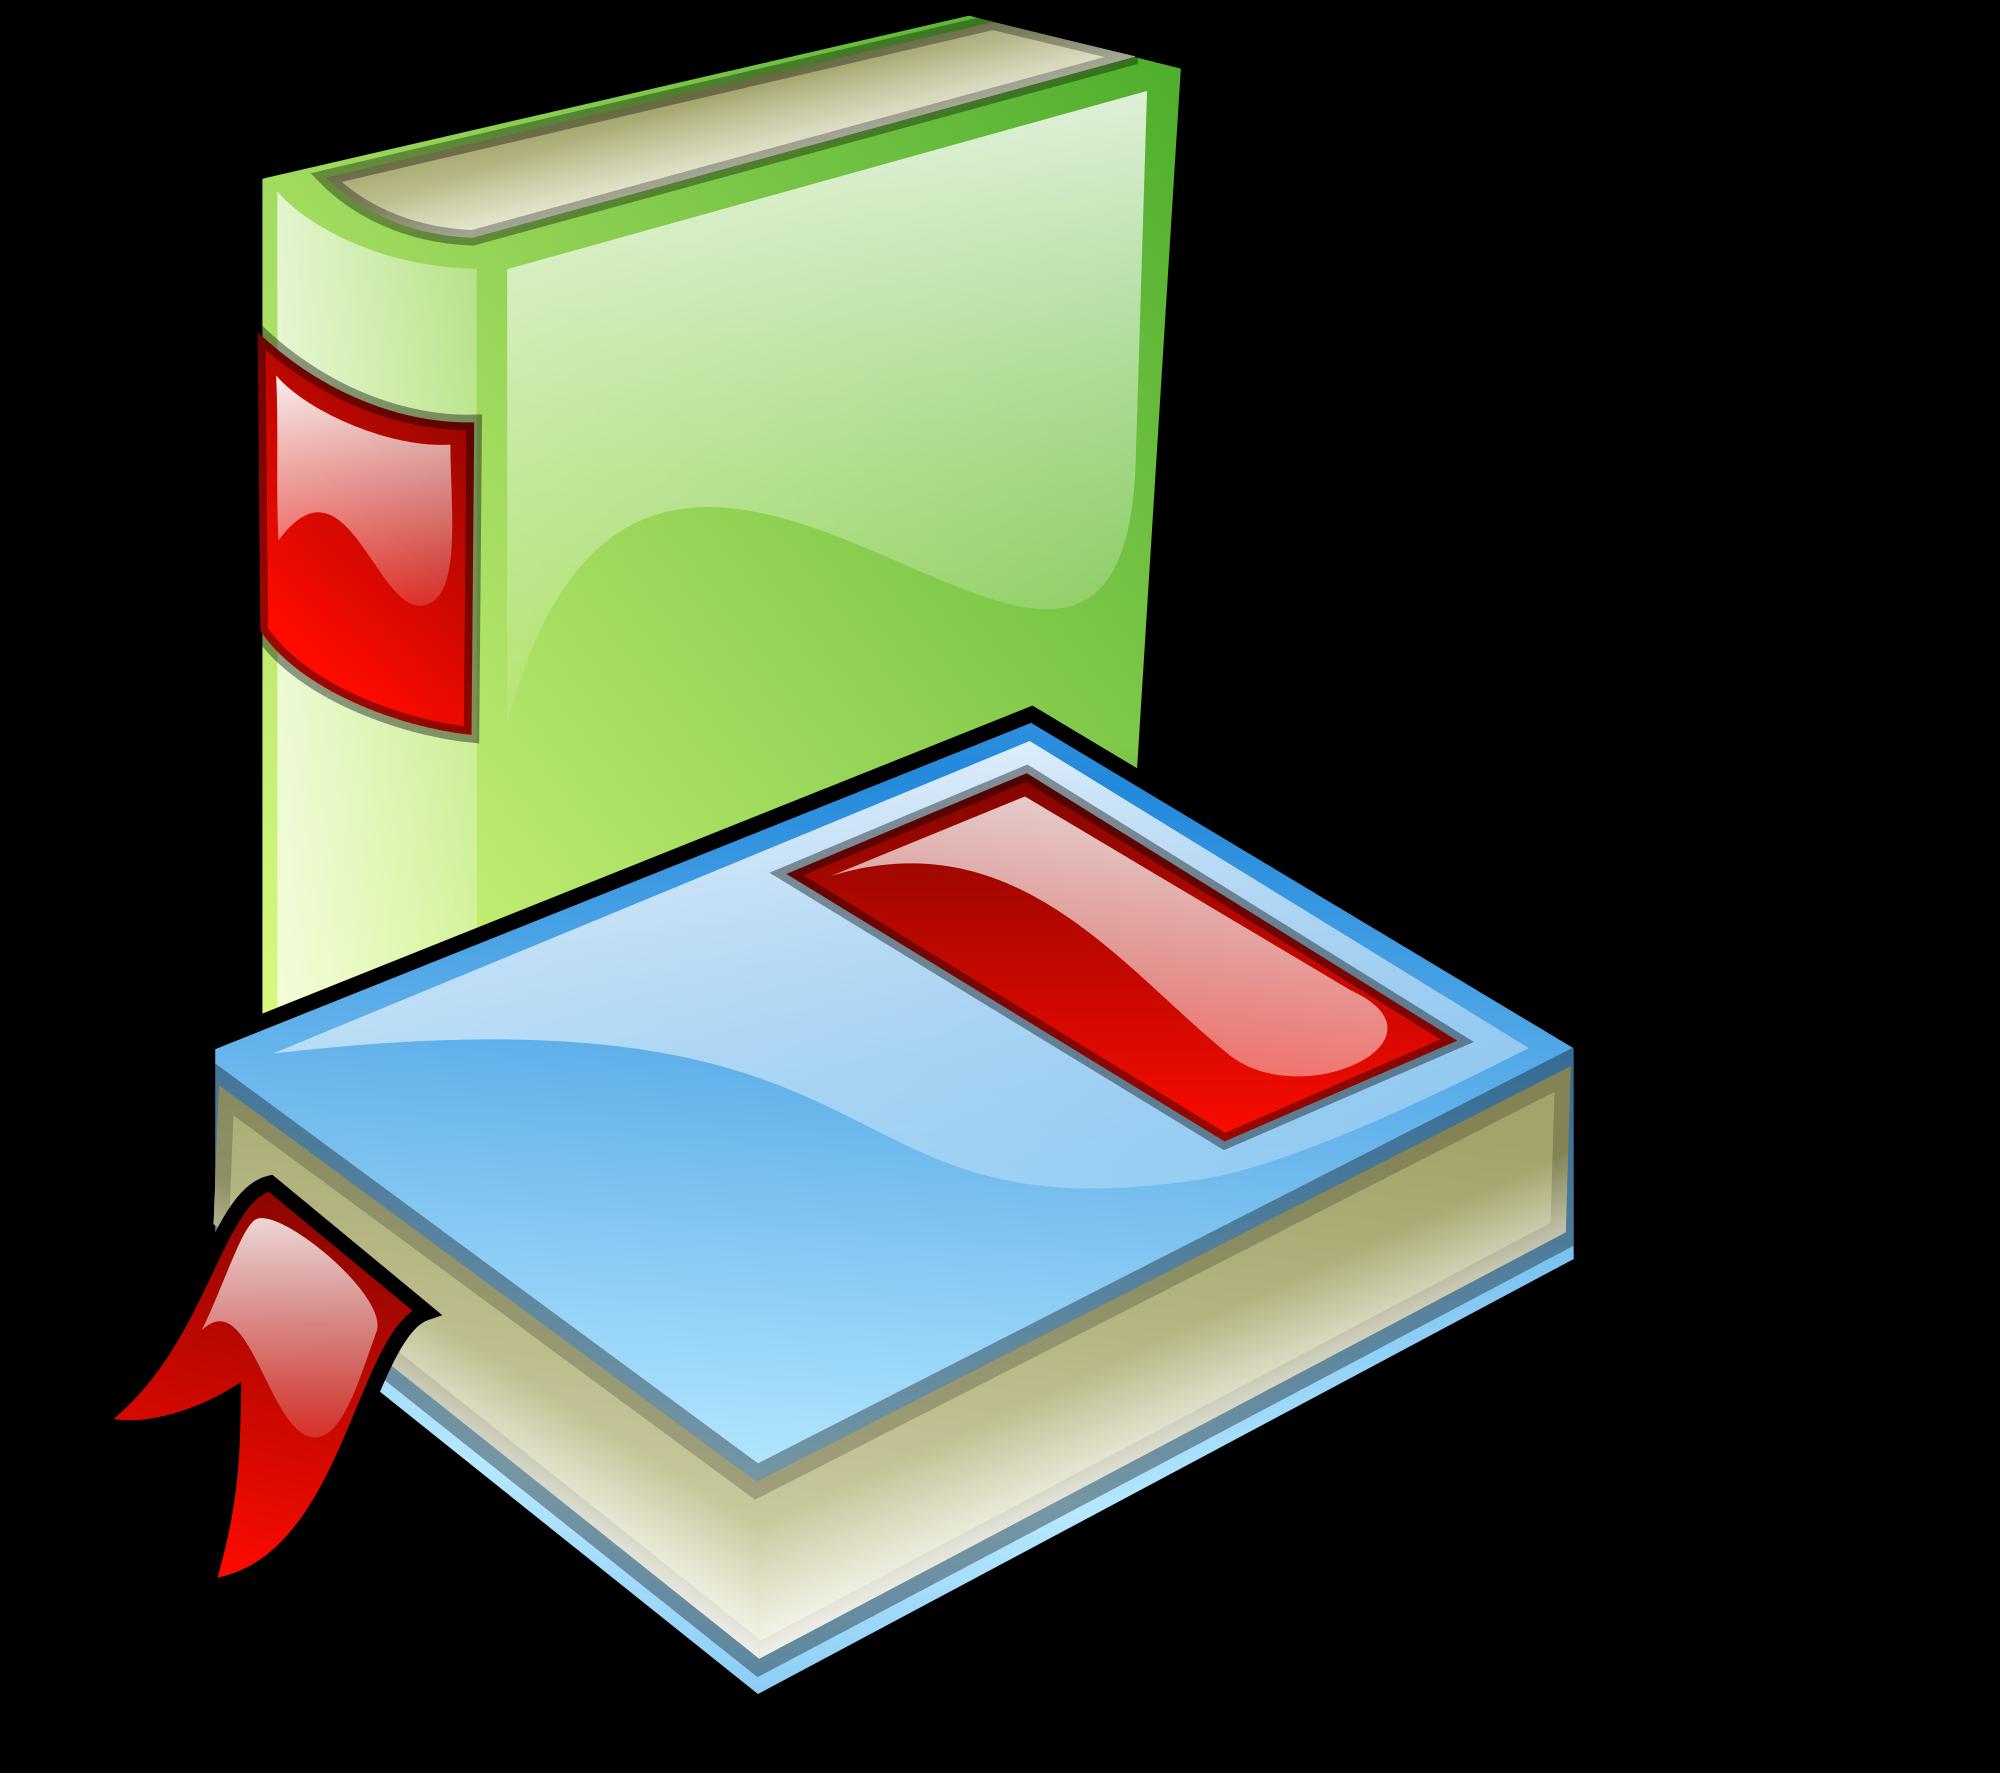 Knowledge clipart book. File books aj svg